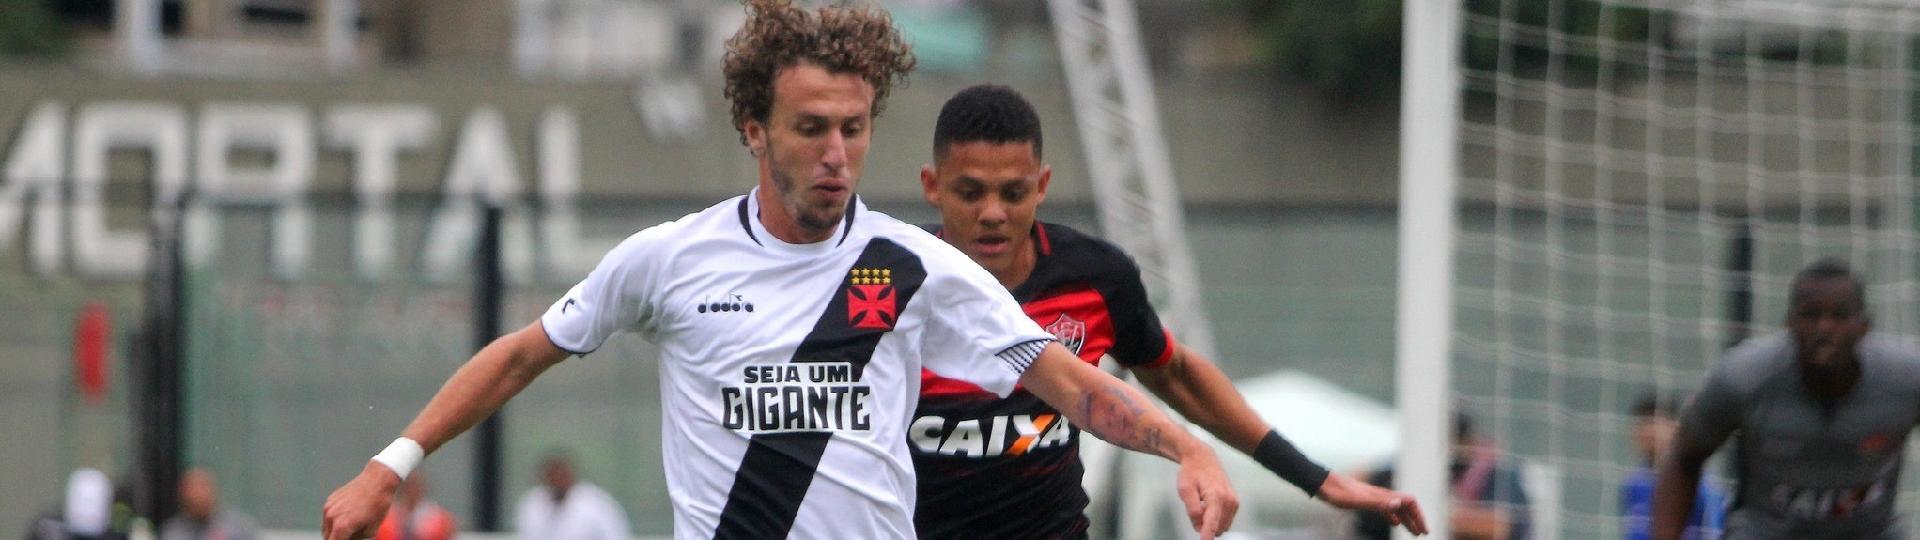 Rafael Galhardo protege a bola durante Vasco x Vitória em São Januário